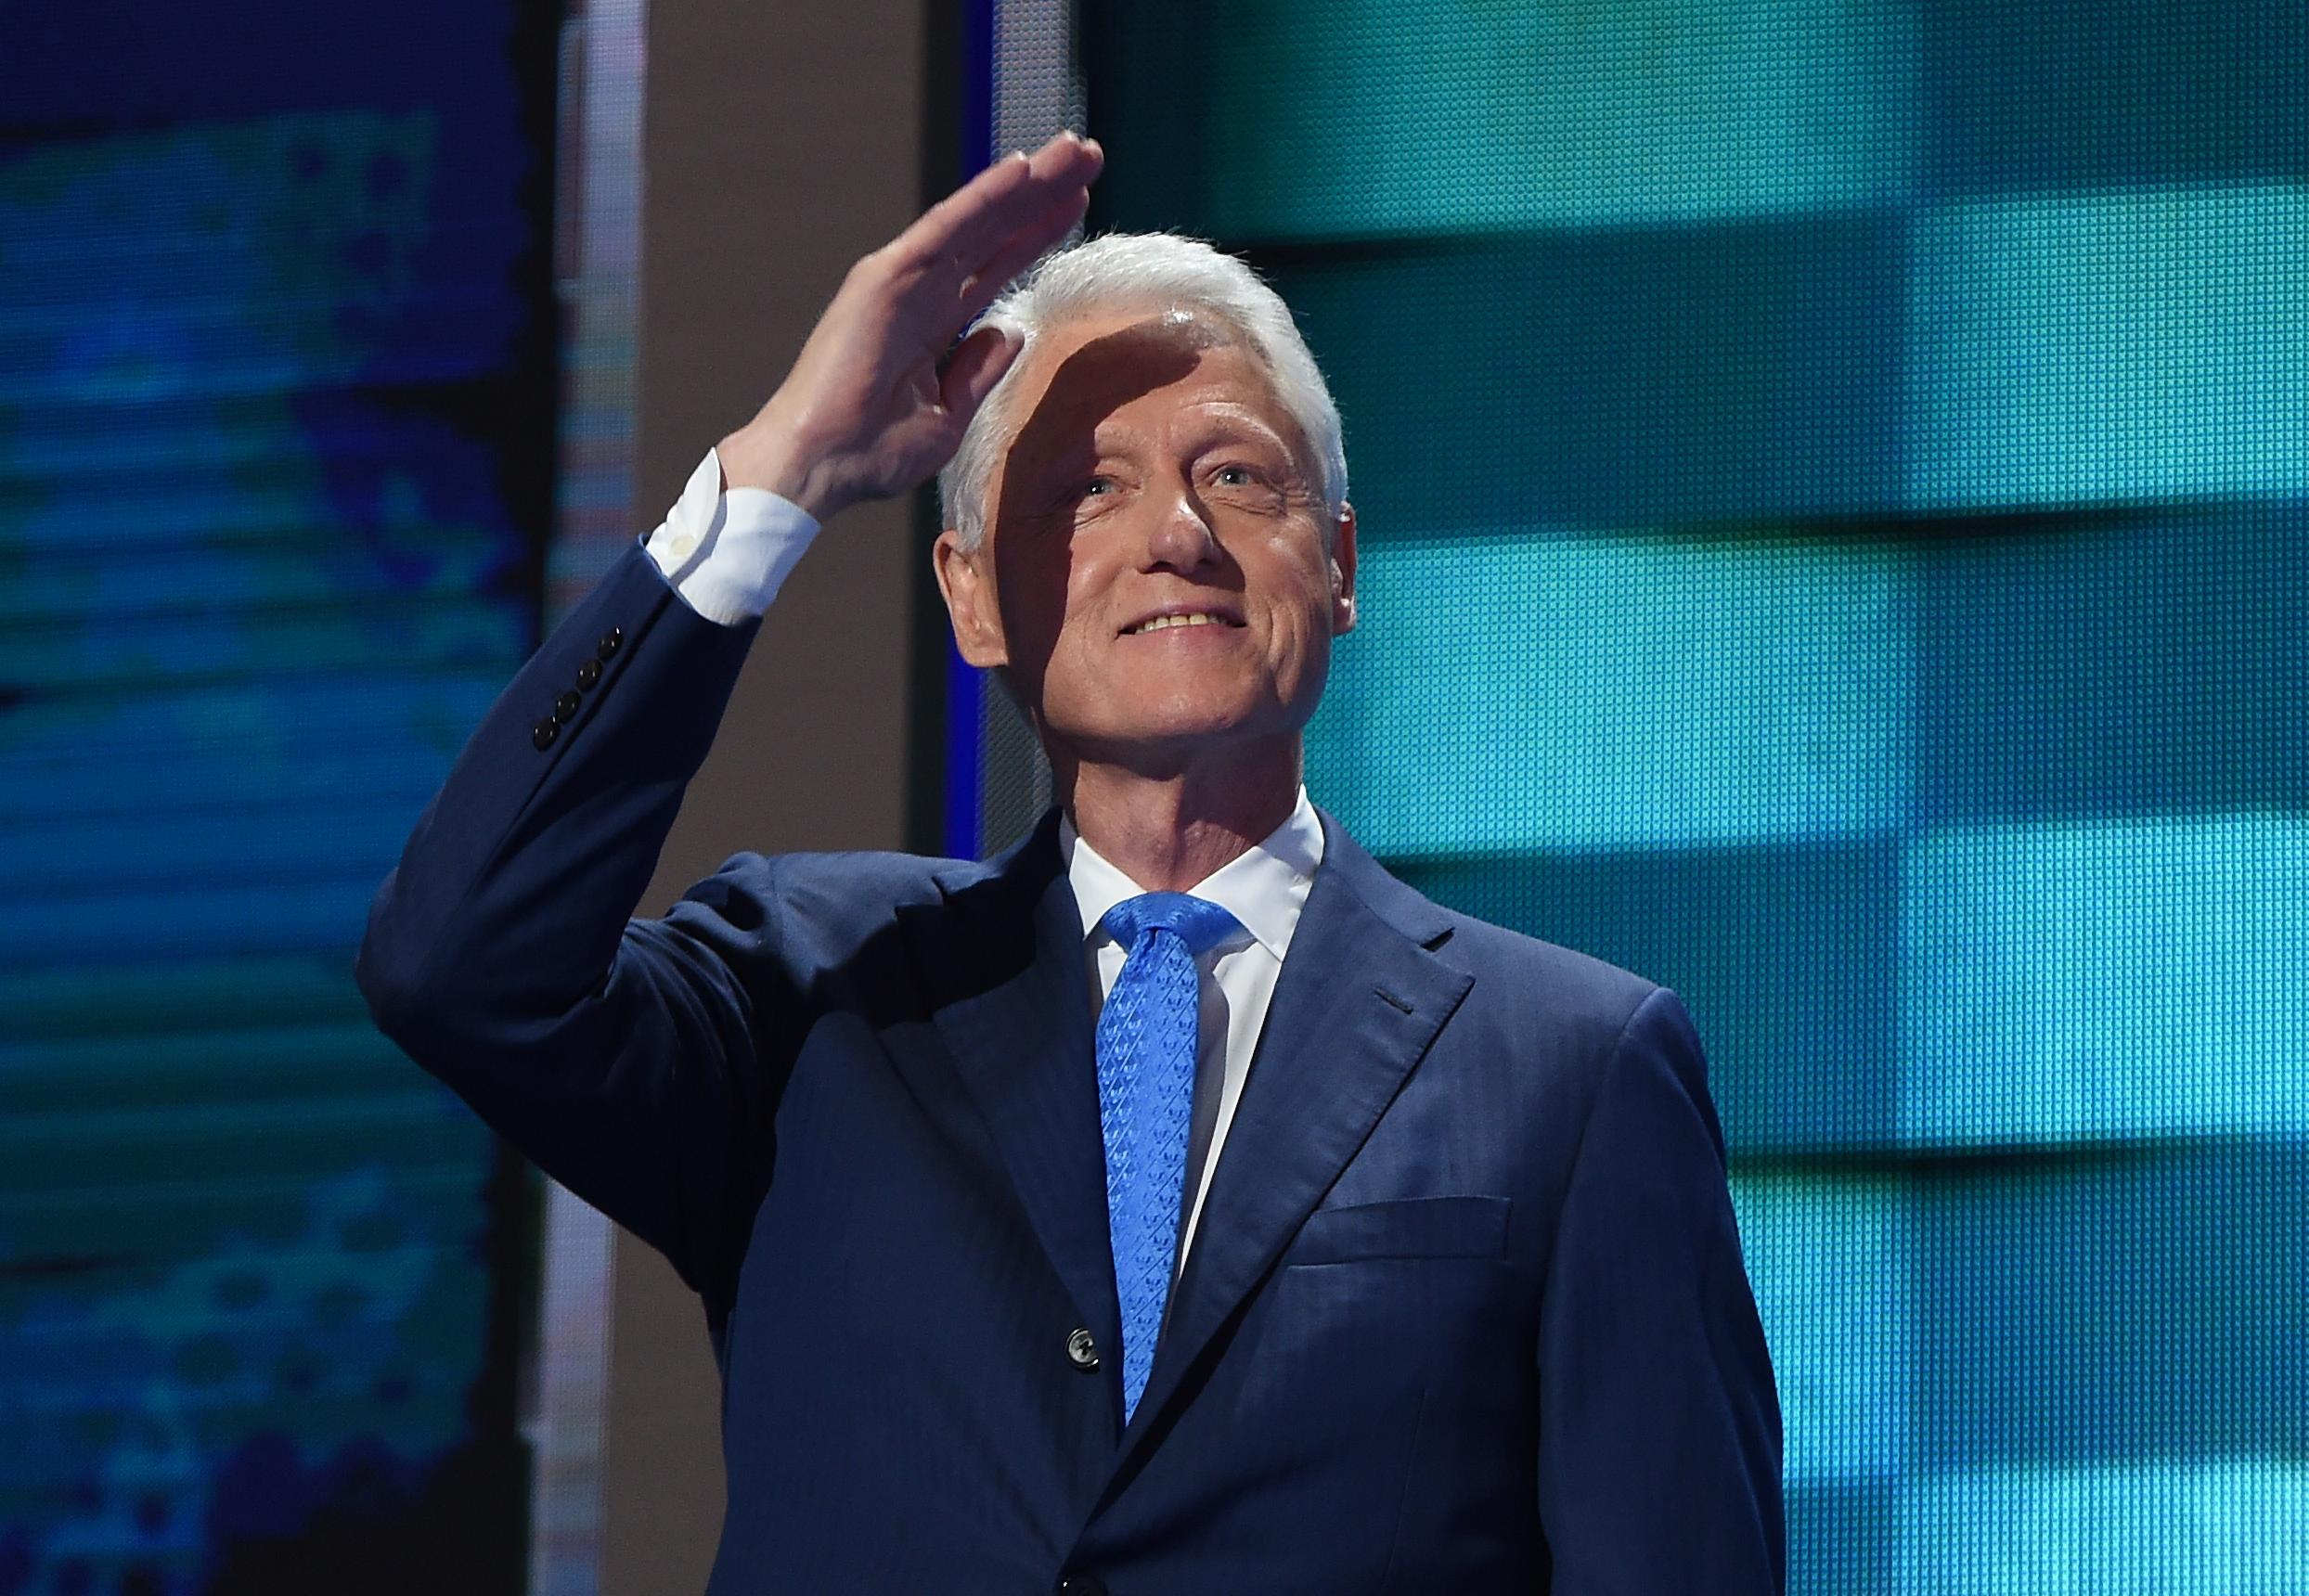 Escândalo sexual entre Clinton e Lewinsky inspira série de televisão